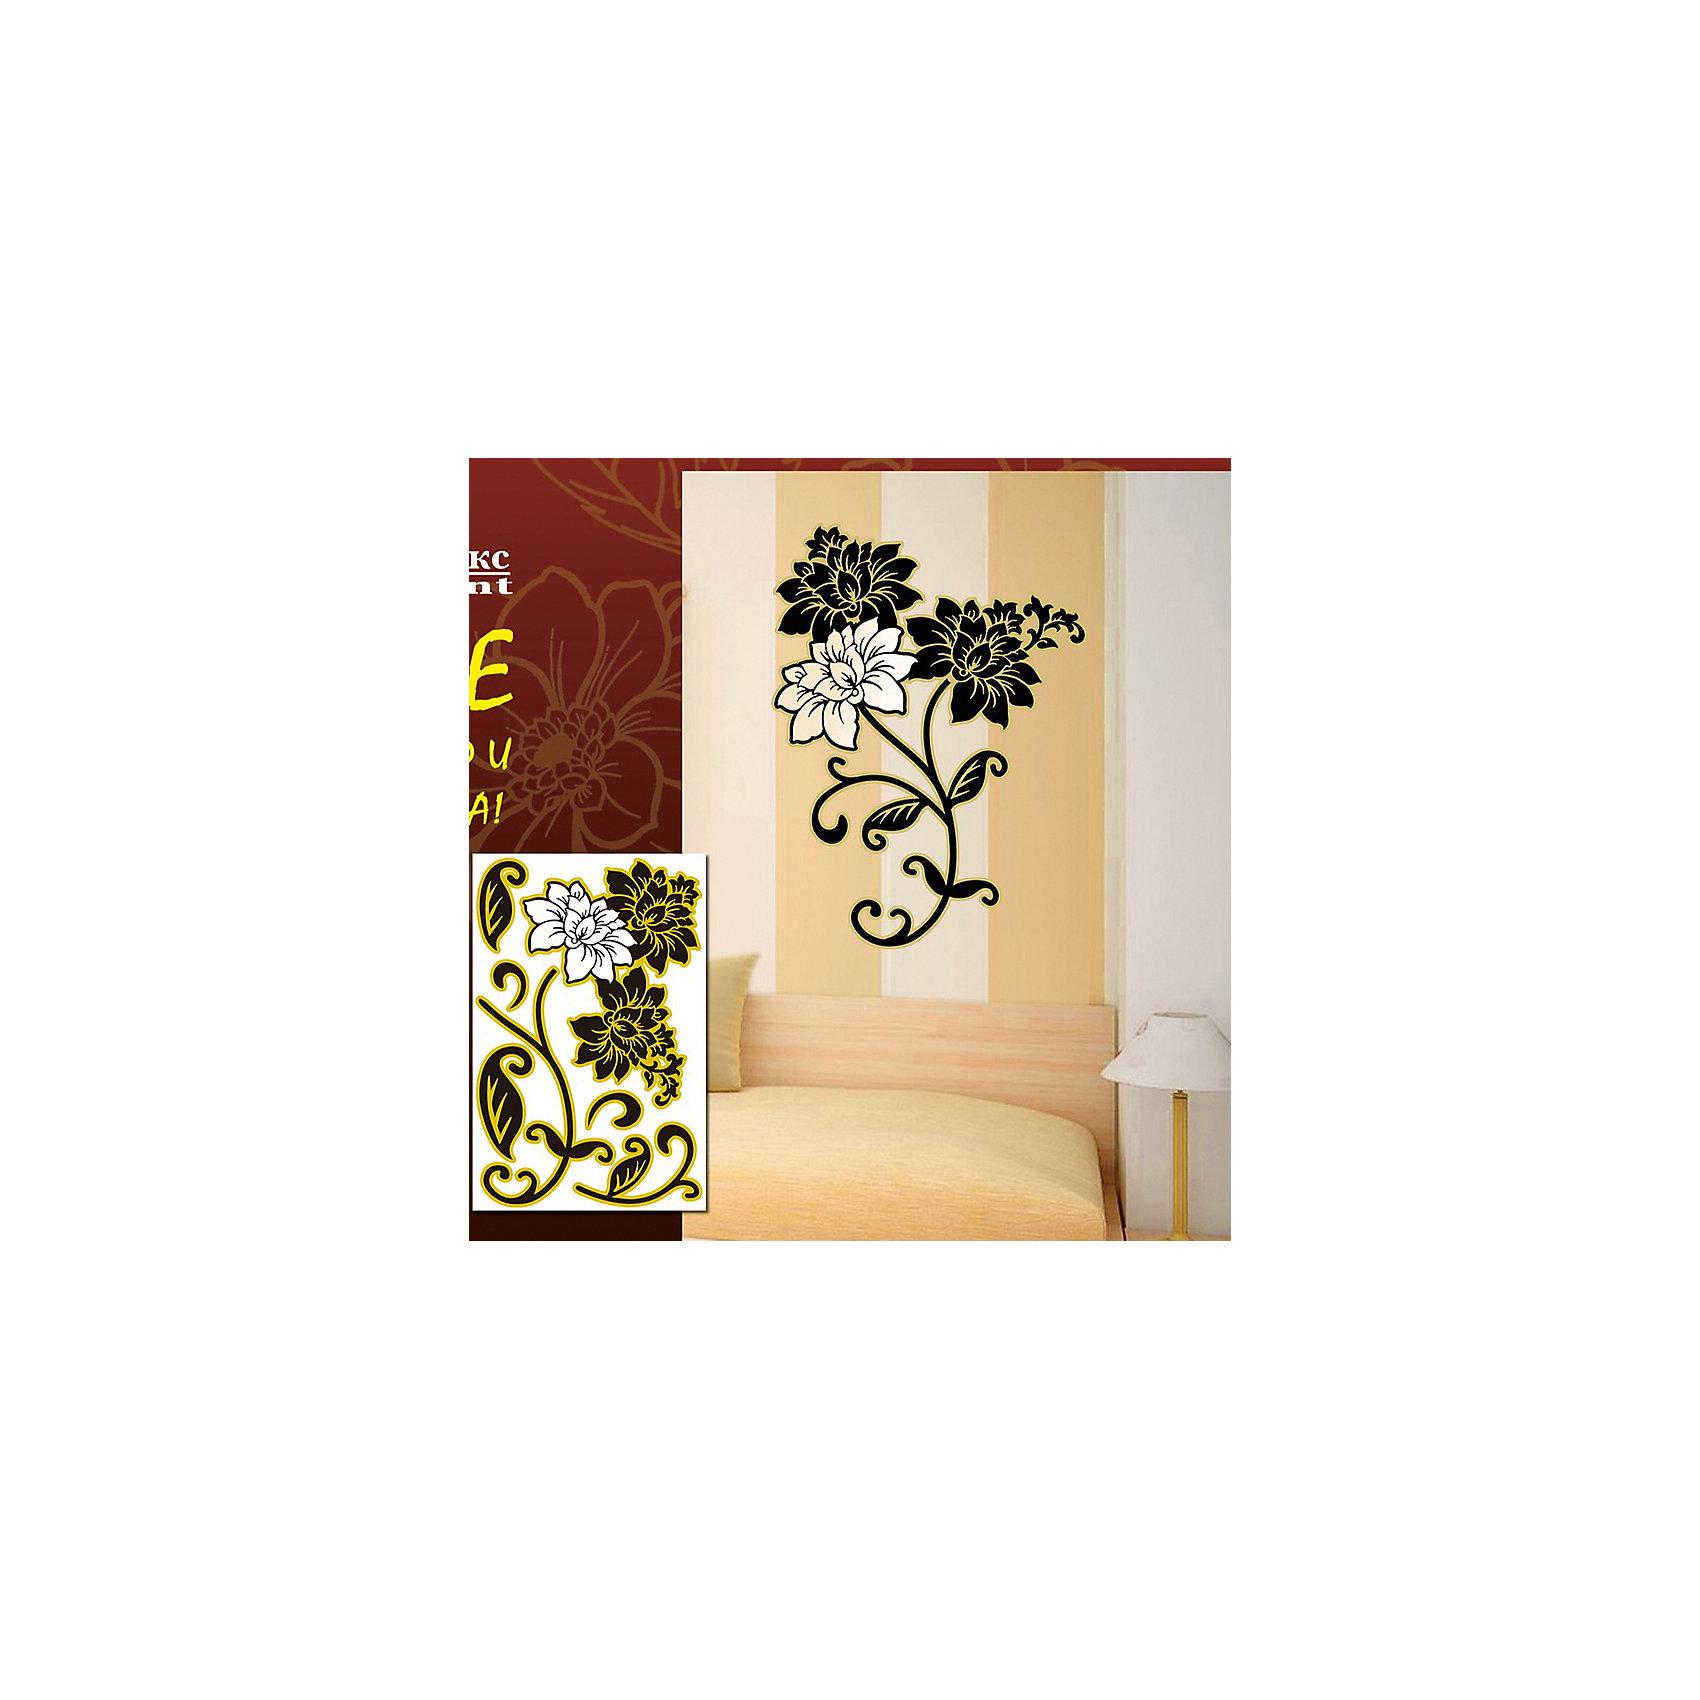 Декораттивная наклейка на стену Цветы (33,5*52 см)Предметы интерьера<br>С помощью декоративной наклейки на стену Цветы вы сможете украсить интерьер комнаты по своему усмотрению. Рисунок-орнамент в виде цветов на прозрачной пленке легко наносится на стену и позволит вам создать свой собственный оригинальный дизайн!<br><br>Дополнительная информация:<br>Материал: пленка ПВХ<br>Размер упаковки: 40х54х0,5 см<br>Размер украшения: 33,5х52 см<br>Вес: 165 грамм<br>Декоративную наклейку на стену Цветы вы можете приобрести в нашем интернет-магазине.<br><br>Ширина мм: 300<br>Глубина мм: 560<br>Высота мм: 390<br>Вес г: 160<br>Возраст от месяцев: 84<br>Возраст до месяцев: 216<br>Пол: Унисекс<br>Возраст: Детский<br>SKU: 4957934